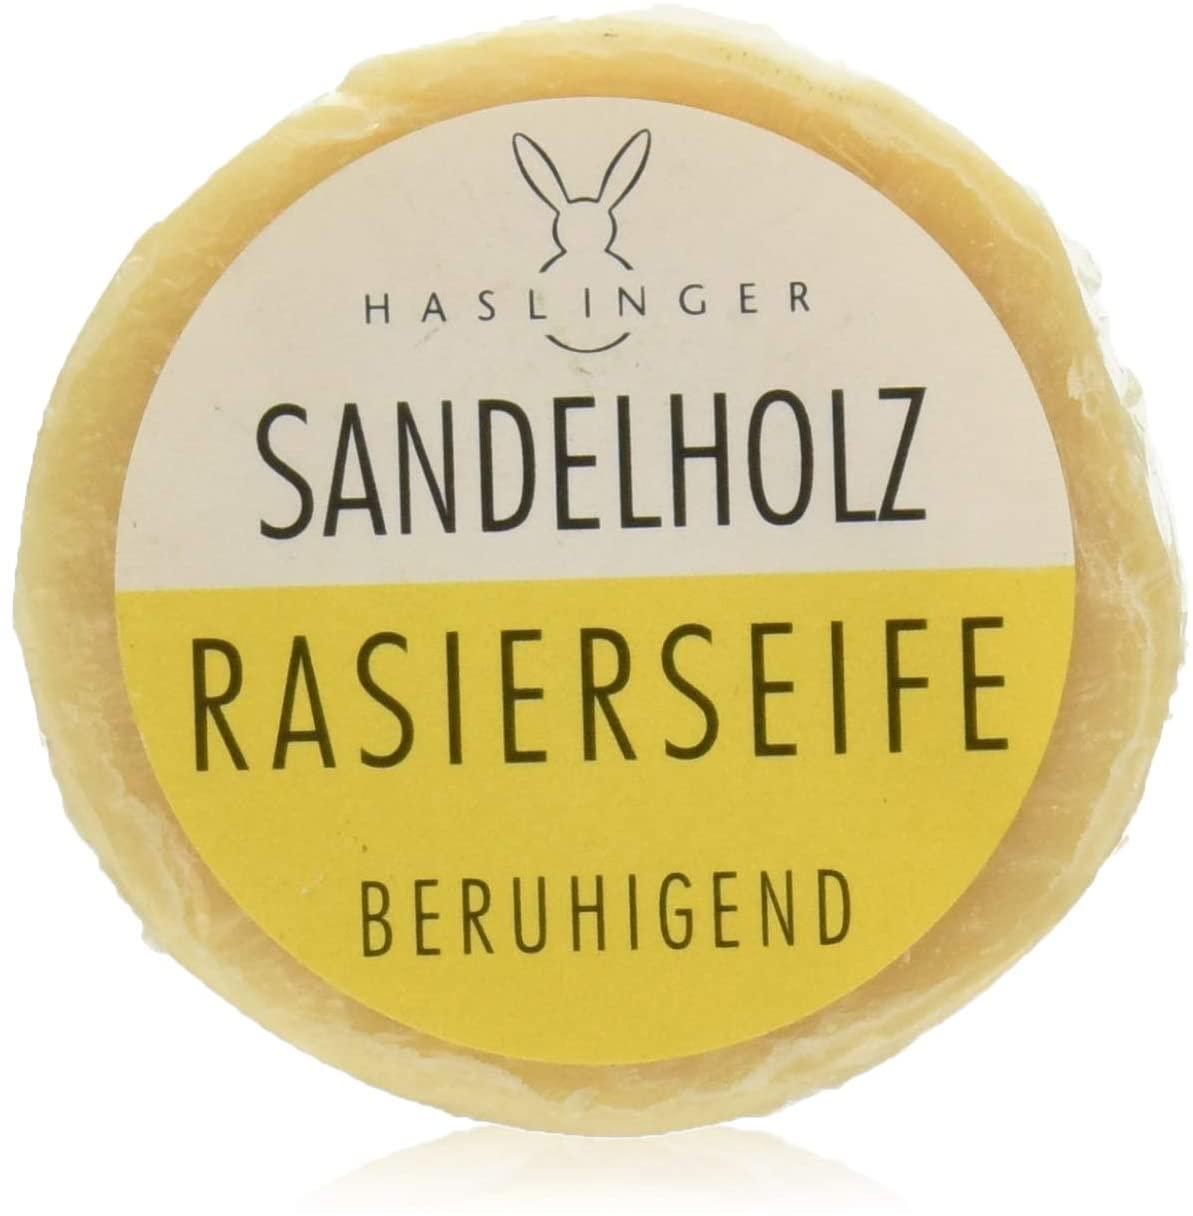 HASLINGER Sandelholz Rasierseife, 3*60gr. (180 Gramm) in Alu-Dose Hergestellt in Österreich